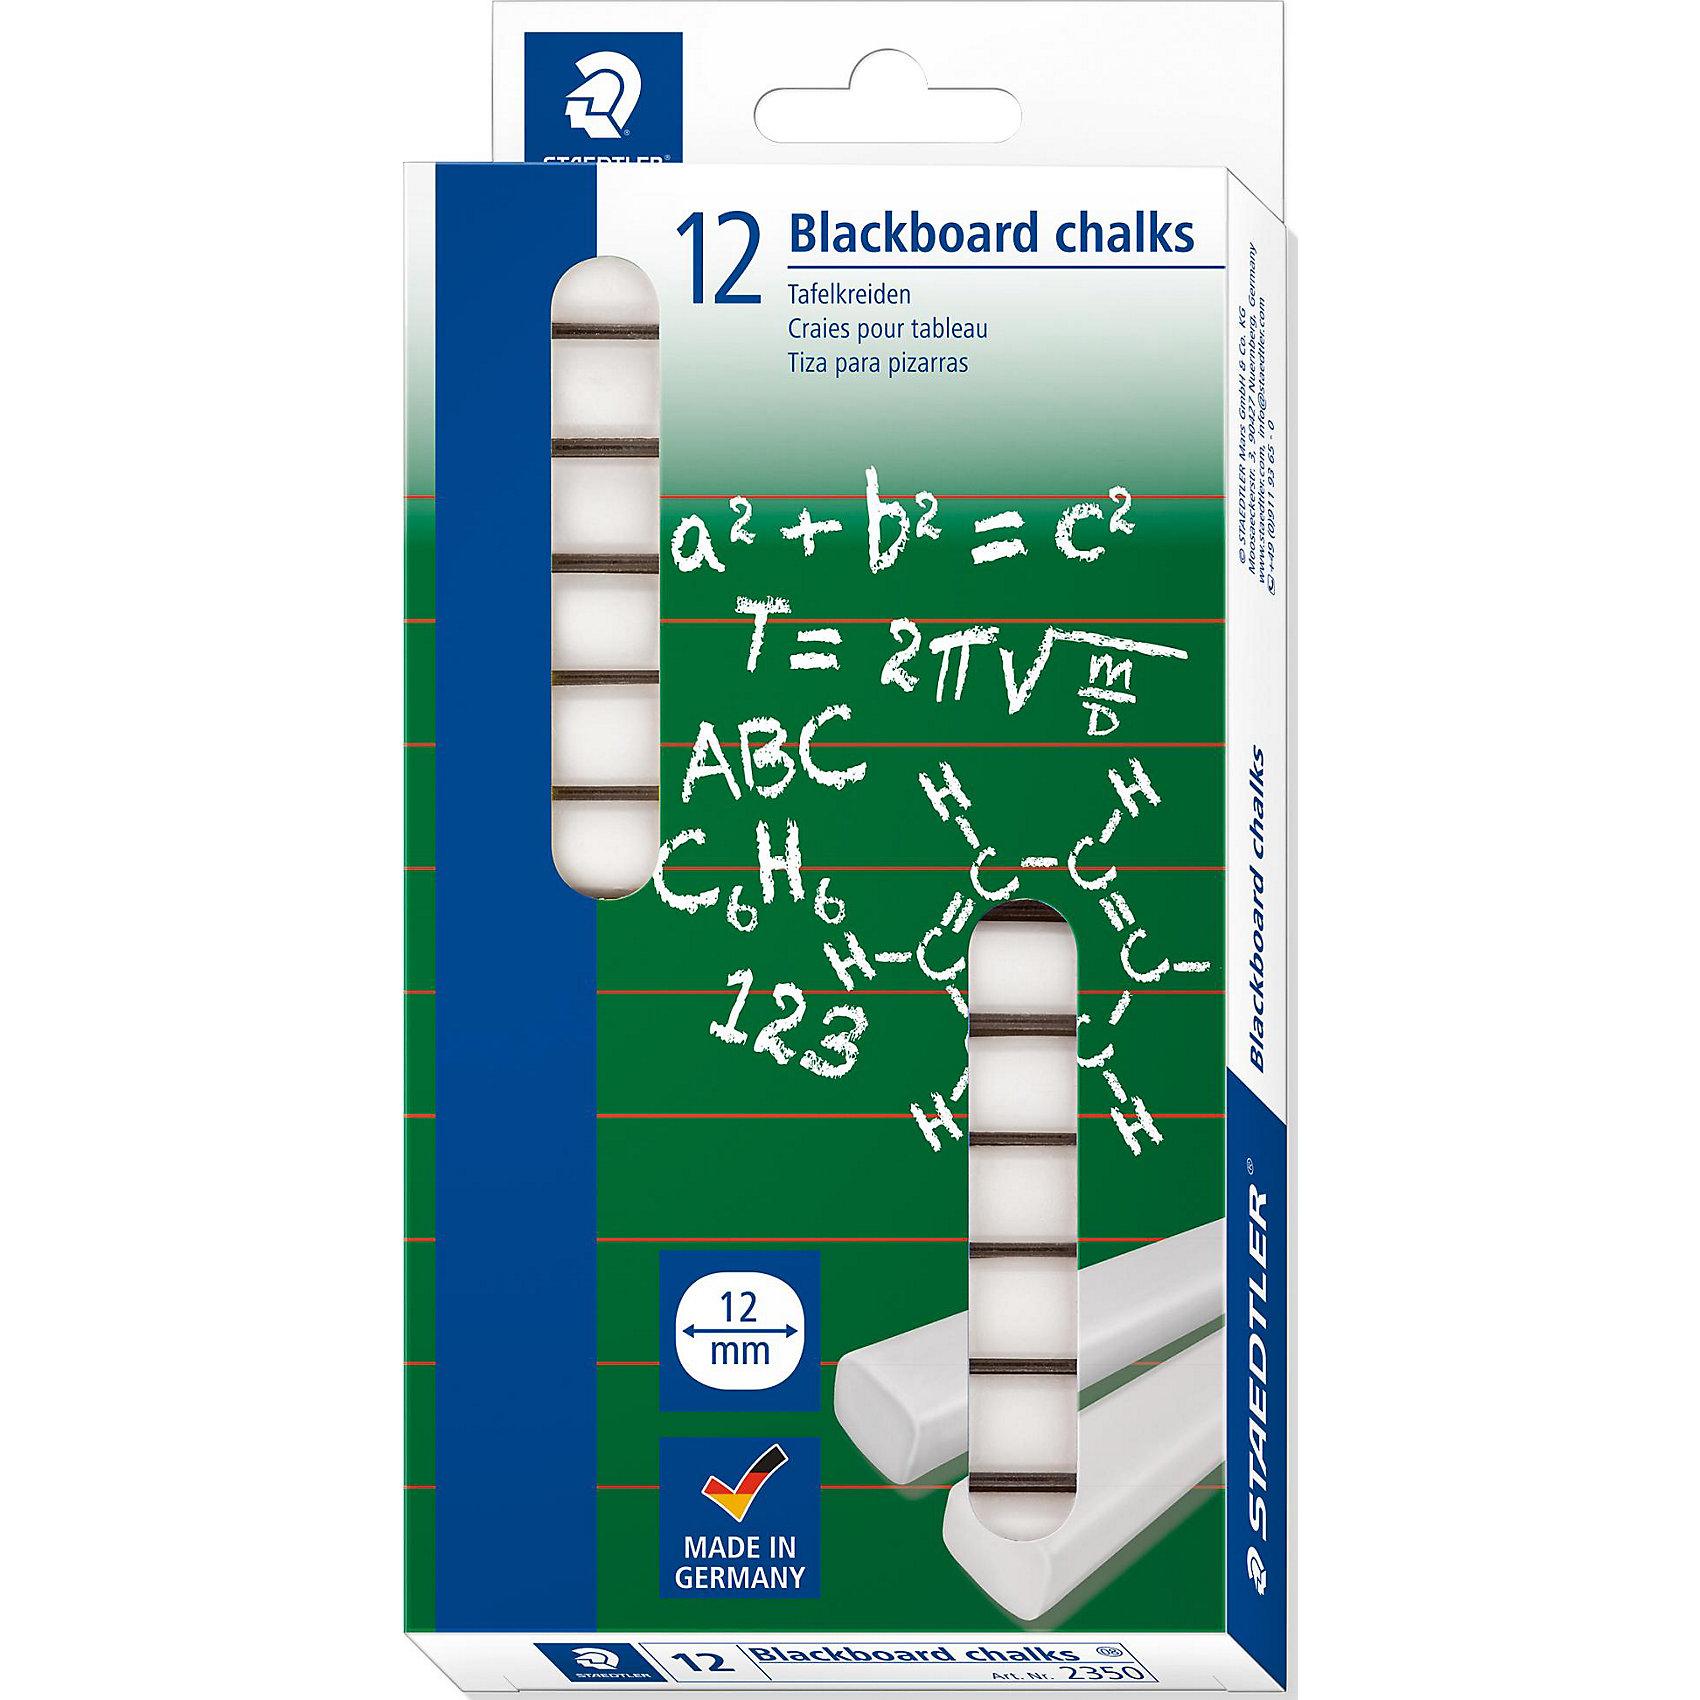 Мелки для доски STAEDTLER белые, 12 шт.Рисование<br>Мелки для доски STAEDTLER белые, 12 шт.<br><br>Характеристики:<br><br>• Для детей в возрасте: от 3 лет<br>• Количество: 12 мелков<br>• Цвет: белый<br>• Держатель: бумажная манжетка<br>• Упаковка: картонная коробка с европодвесом<br>• Размер упаковки: 206х103х19 мм.<br>• Вес: 138 гр.<br><br>Набор белых мелков от STAEDTLER предназначен для меловых досок. В наборе 12 мелков. Каждый мелок обернут в бумажную манжетку. Прекрасно ложатся и легко стираются с поверхности. На мелки нанесено специальное покрытие, благодаря которому они не пачкают руки, не оставляют пыль, не крошатся.<br><br>Мелки для доски STAEDTLER белые, 12 шт. можно купить в нашем интернет-магазине.<br><br>Ширина мм: 209<br>Глубина мм: 100<br>Высота мм: 200<br>Вес г: 143<br>Возраст от месяцев: 36<br>Возраст до месяцев: 2147483647<br>Пол: Унисекс<br>Возраст: Детский<br>SKU: 5529987